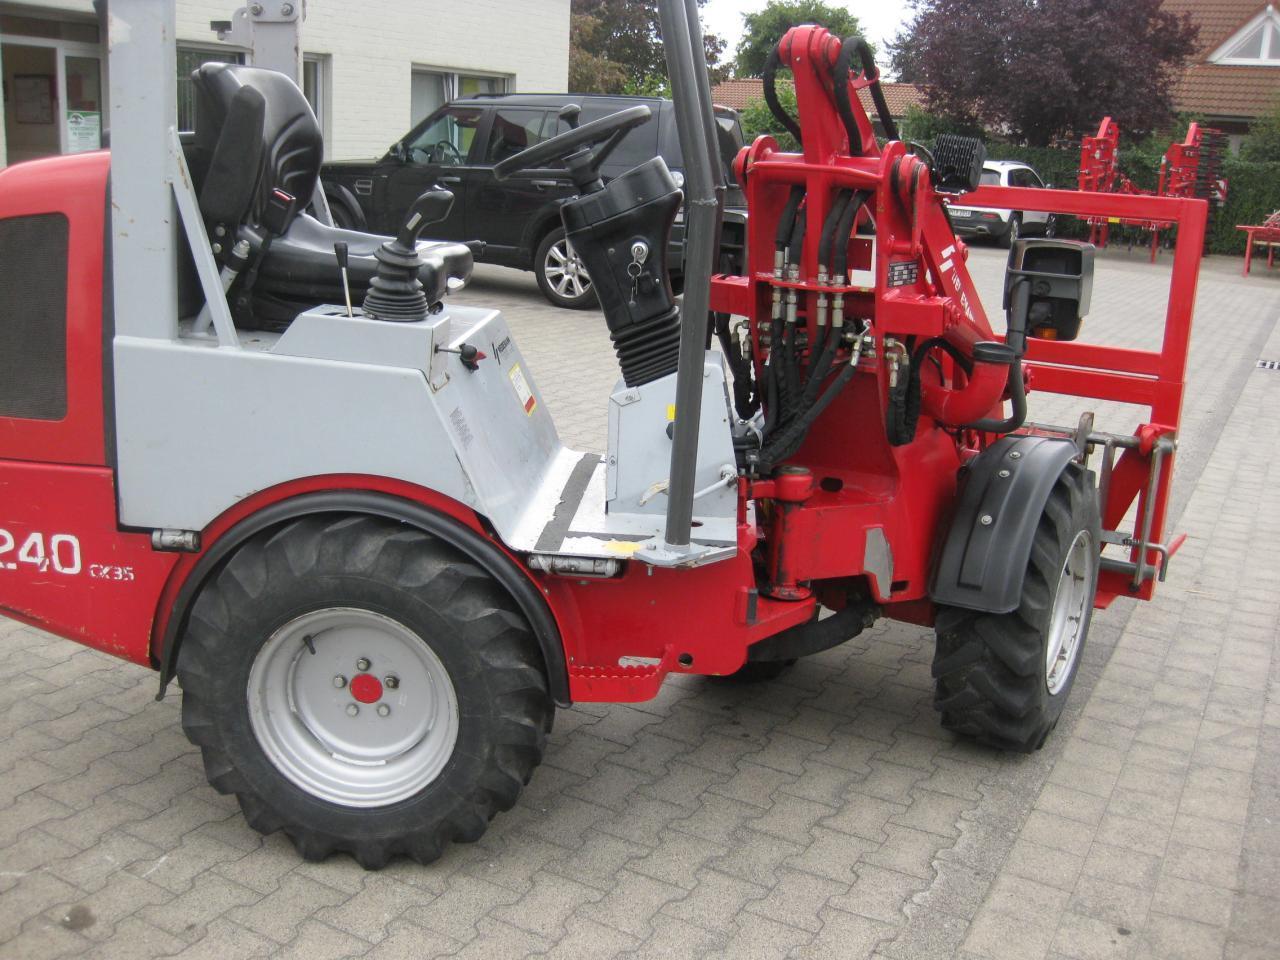 Weidemann 1240 CX 35